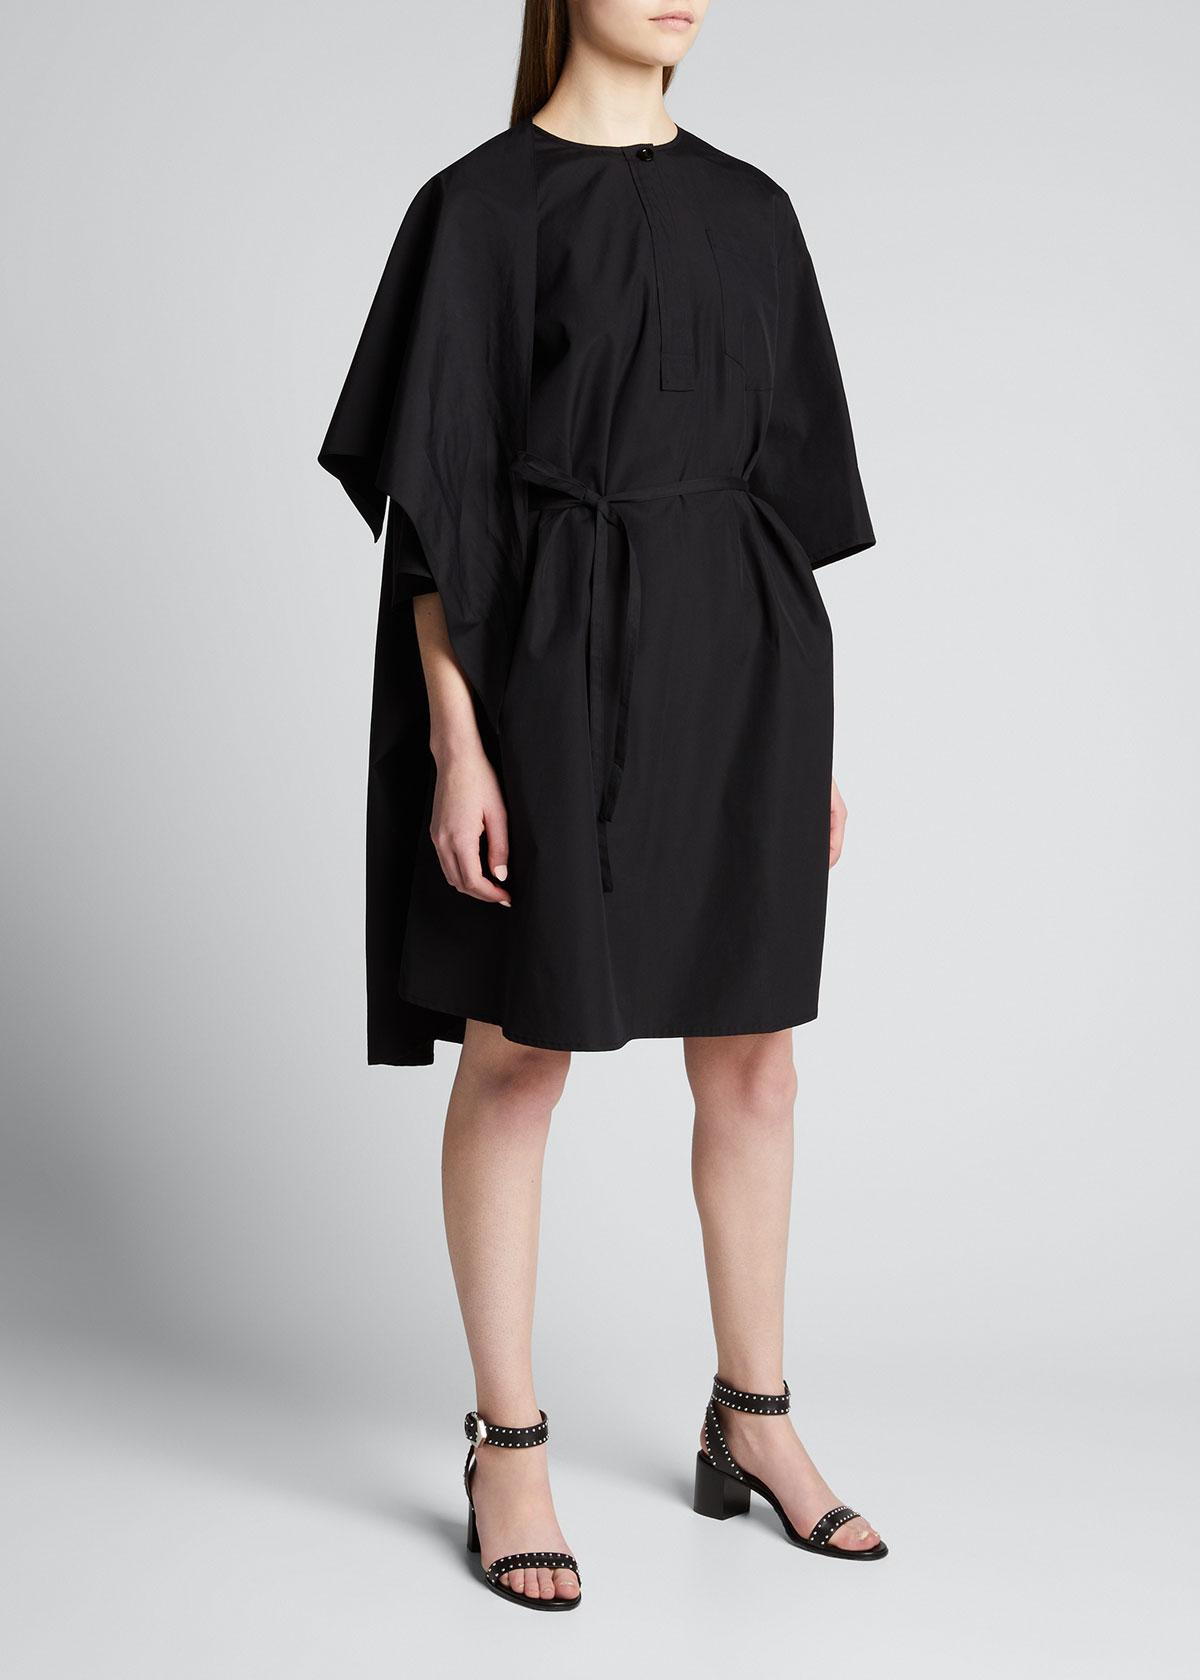 Givenchy LOGO BANDANA HALF-SLEEVE DRESS